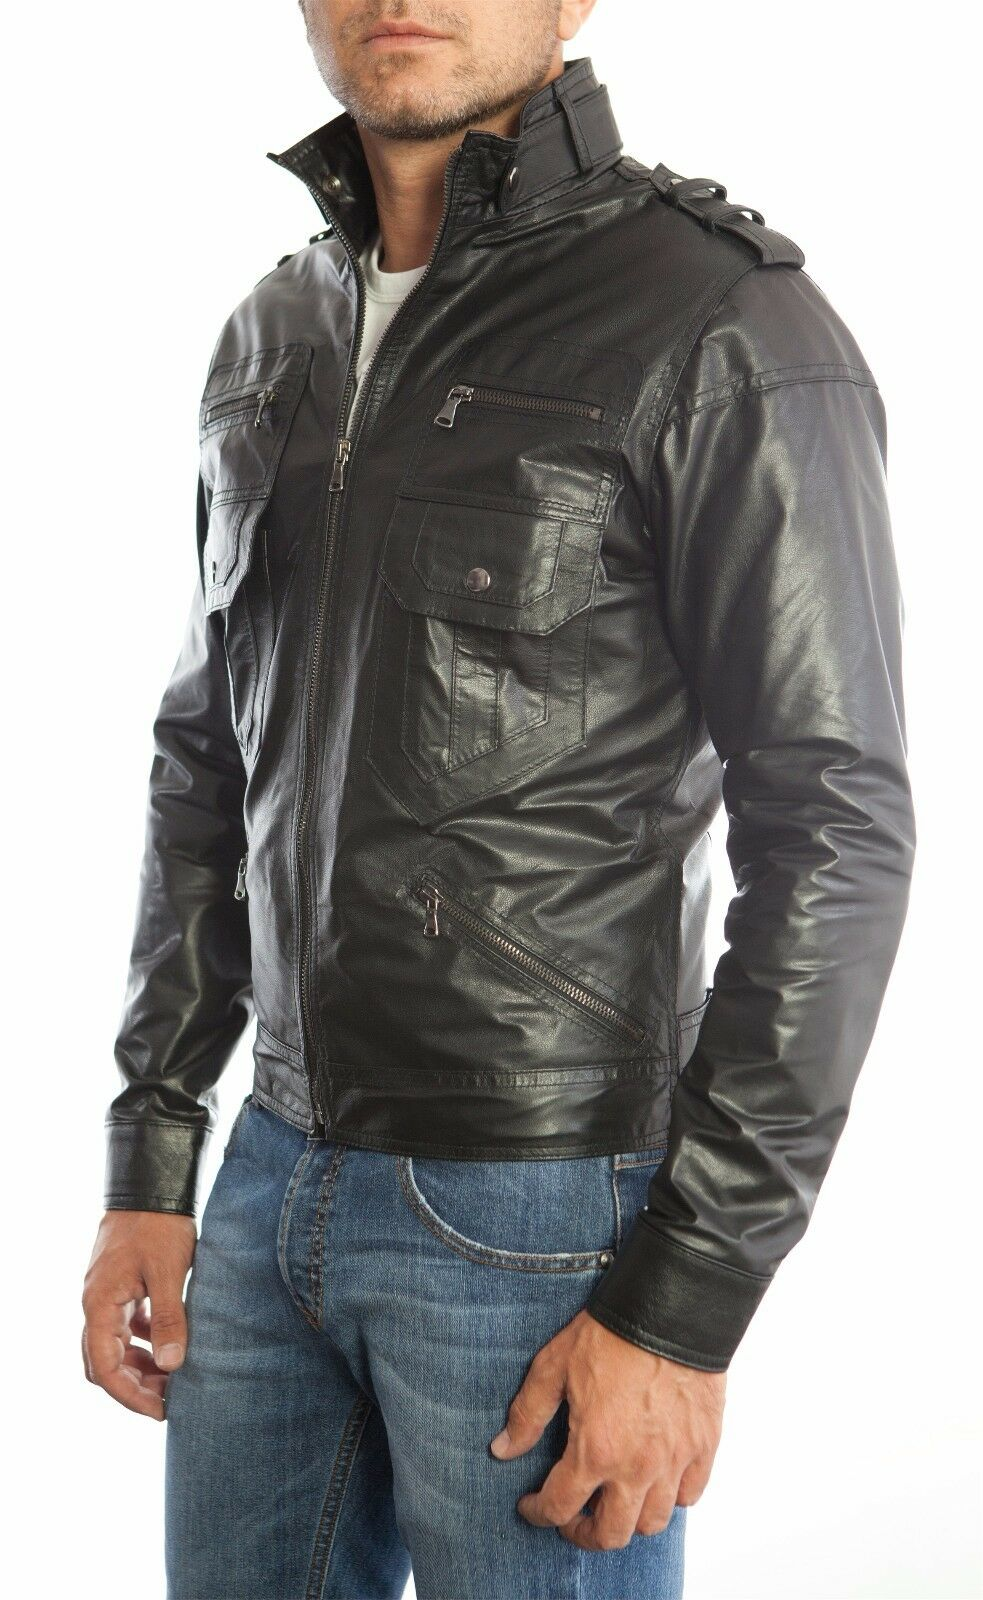 US Herren Lederjacke Hommes Herren Lederjacke chaqueta cuero n16p2